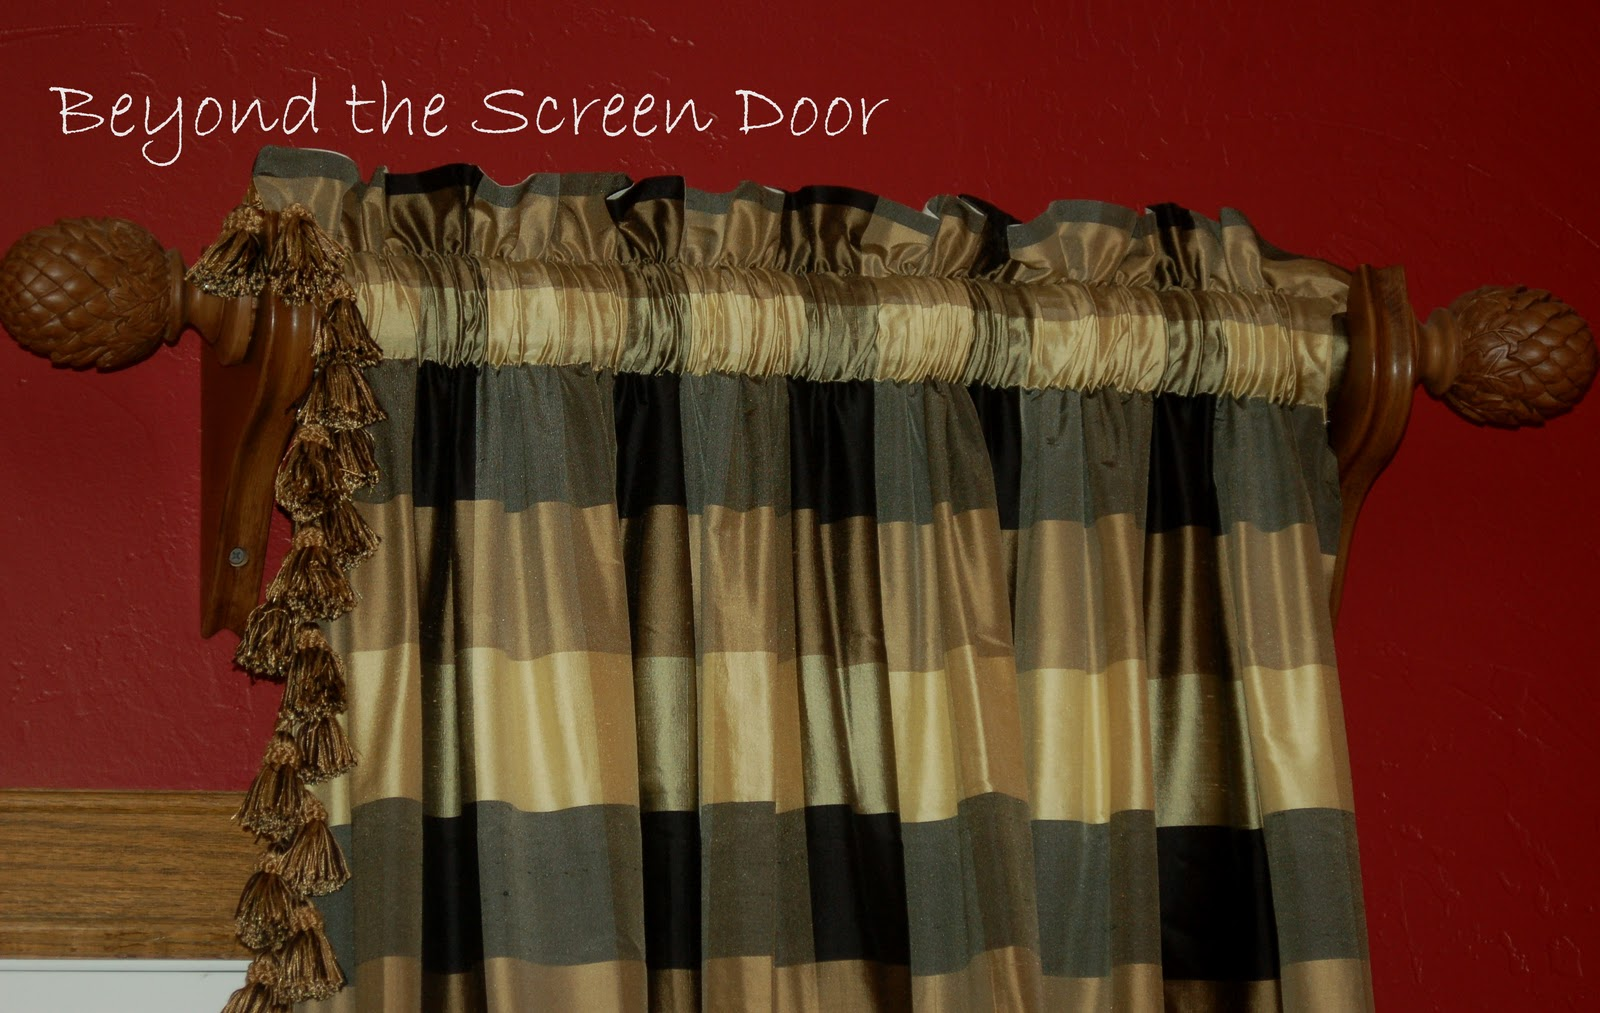 Beyond The Screen Door Gallery